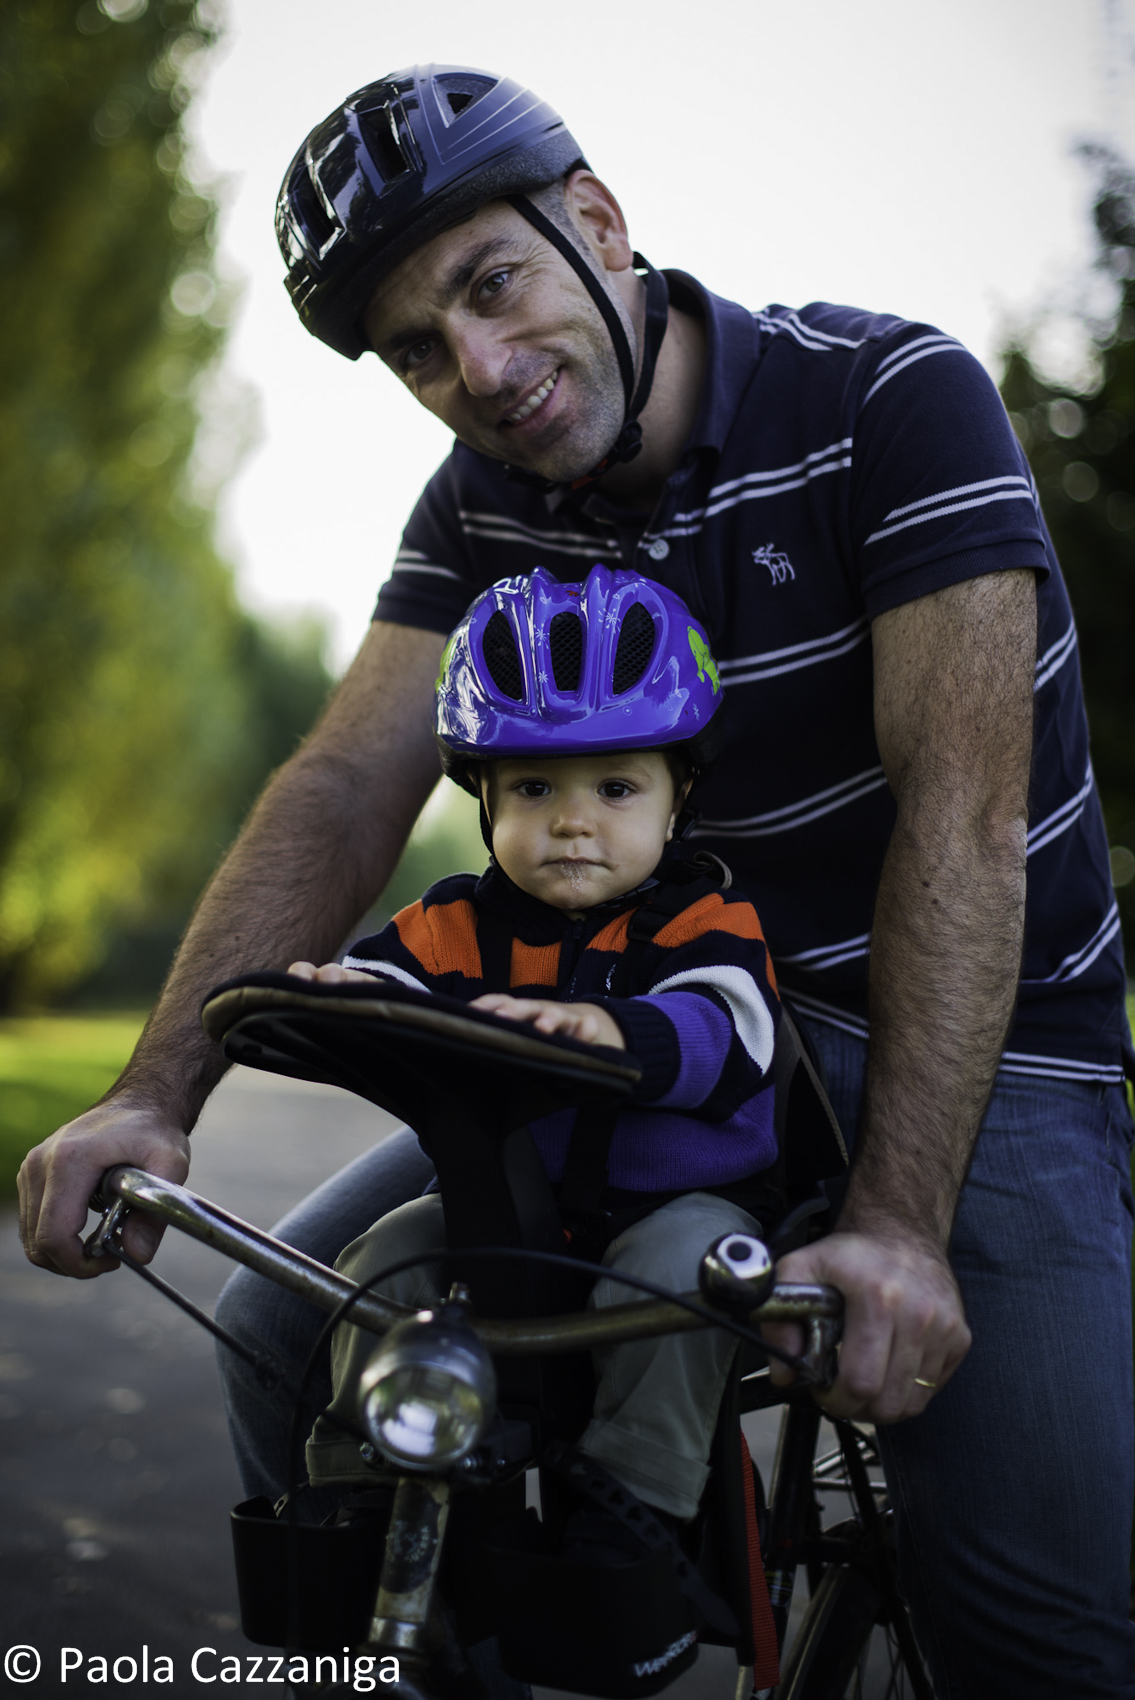 Weeride Kangaroo Il Miglior Seggiolino Bici Per Il Vostro Bambino